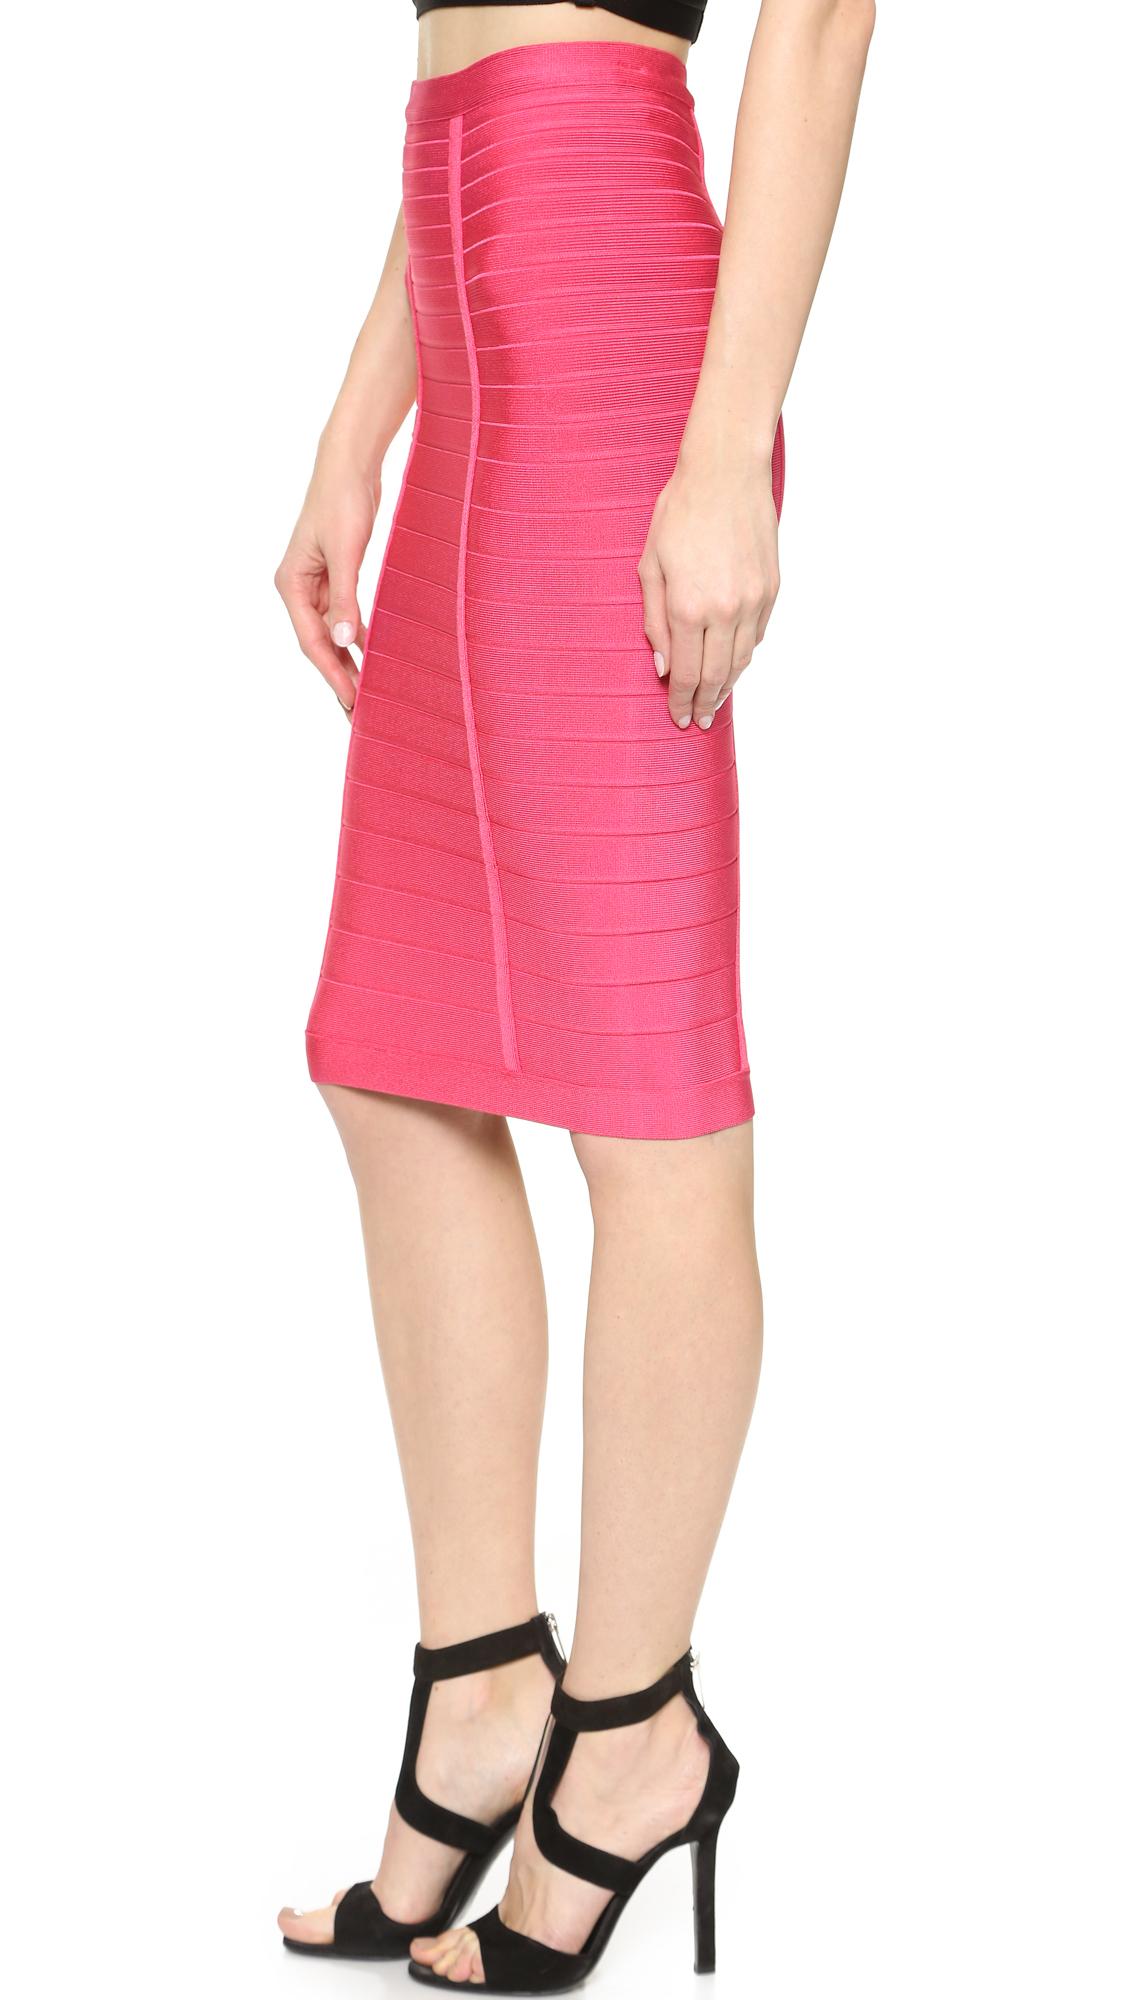 Hervé léger Kaitlin Pencil Skirt - Bright Pink in Pink | Lyst